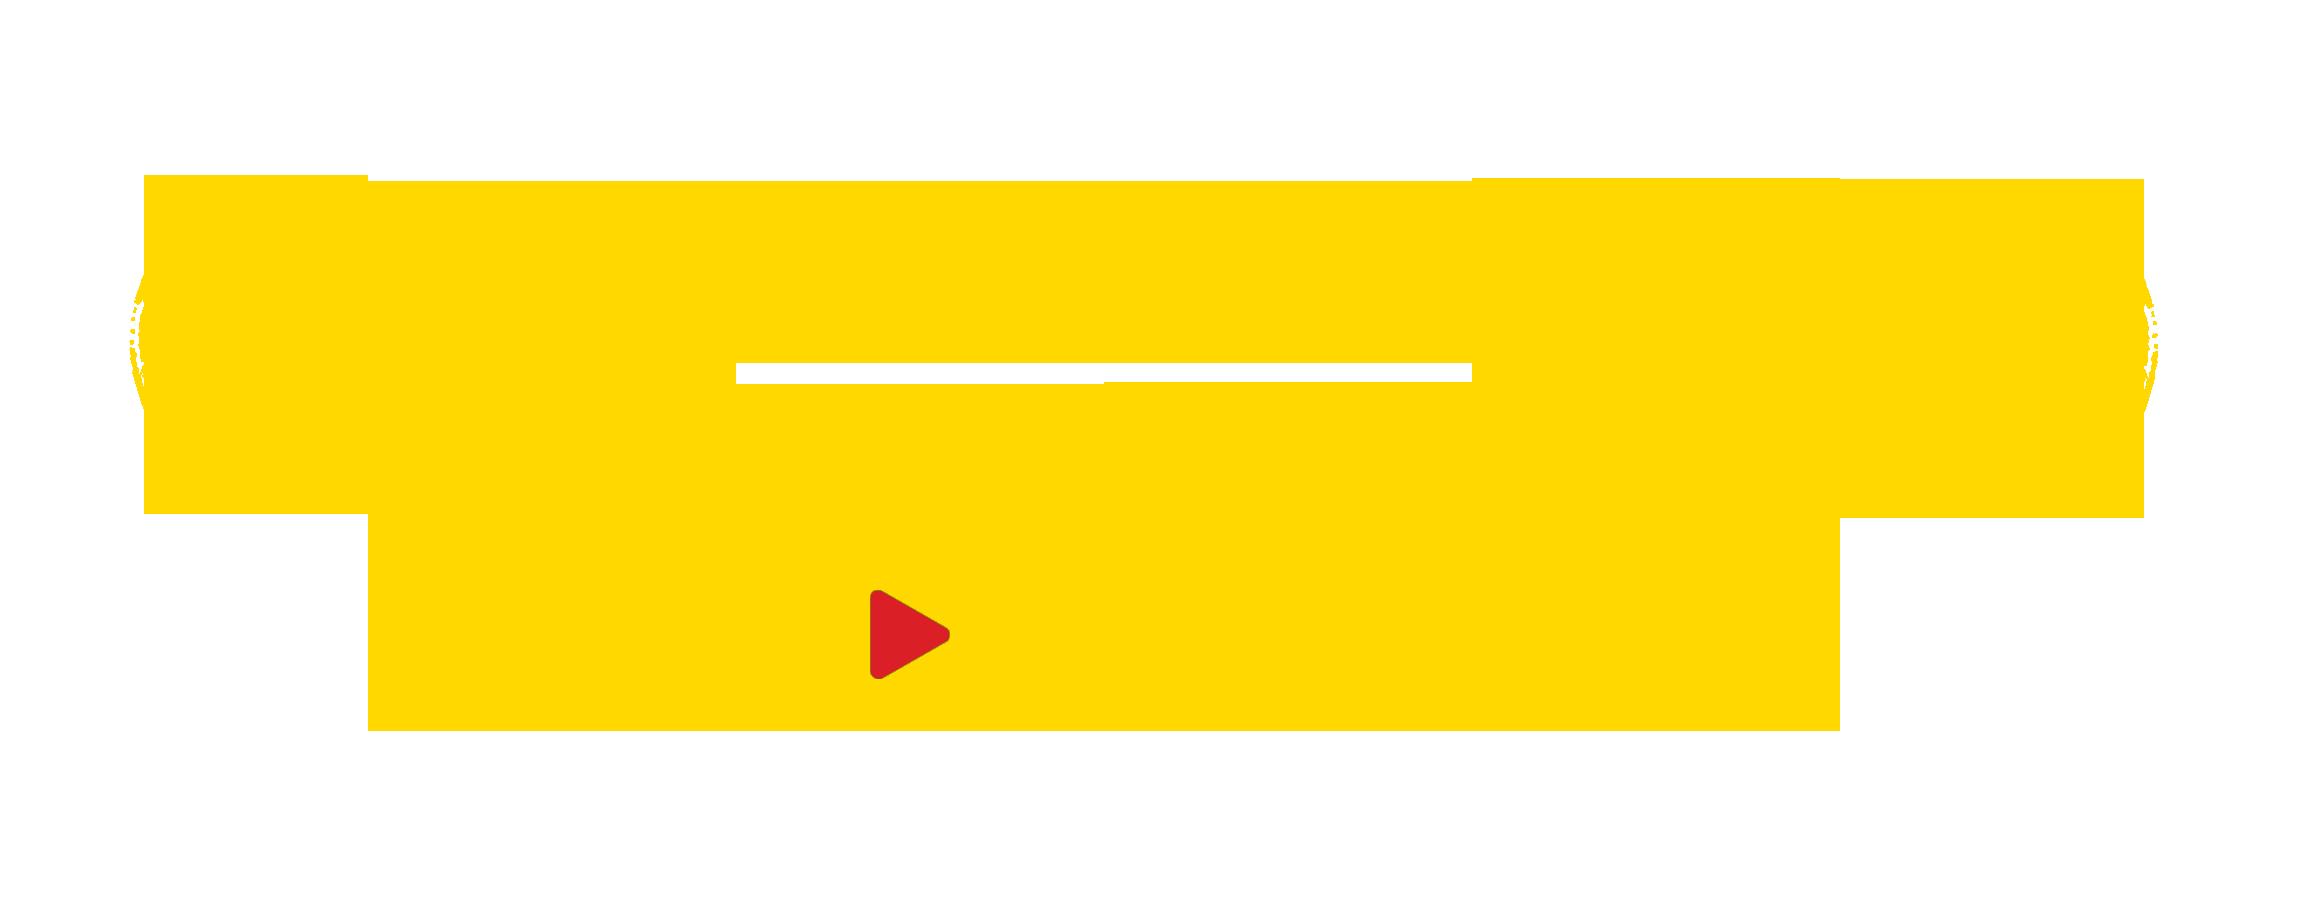 NerveDJsMixtapes Yellow Logo